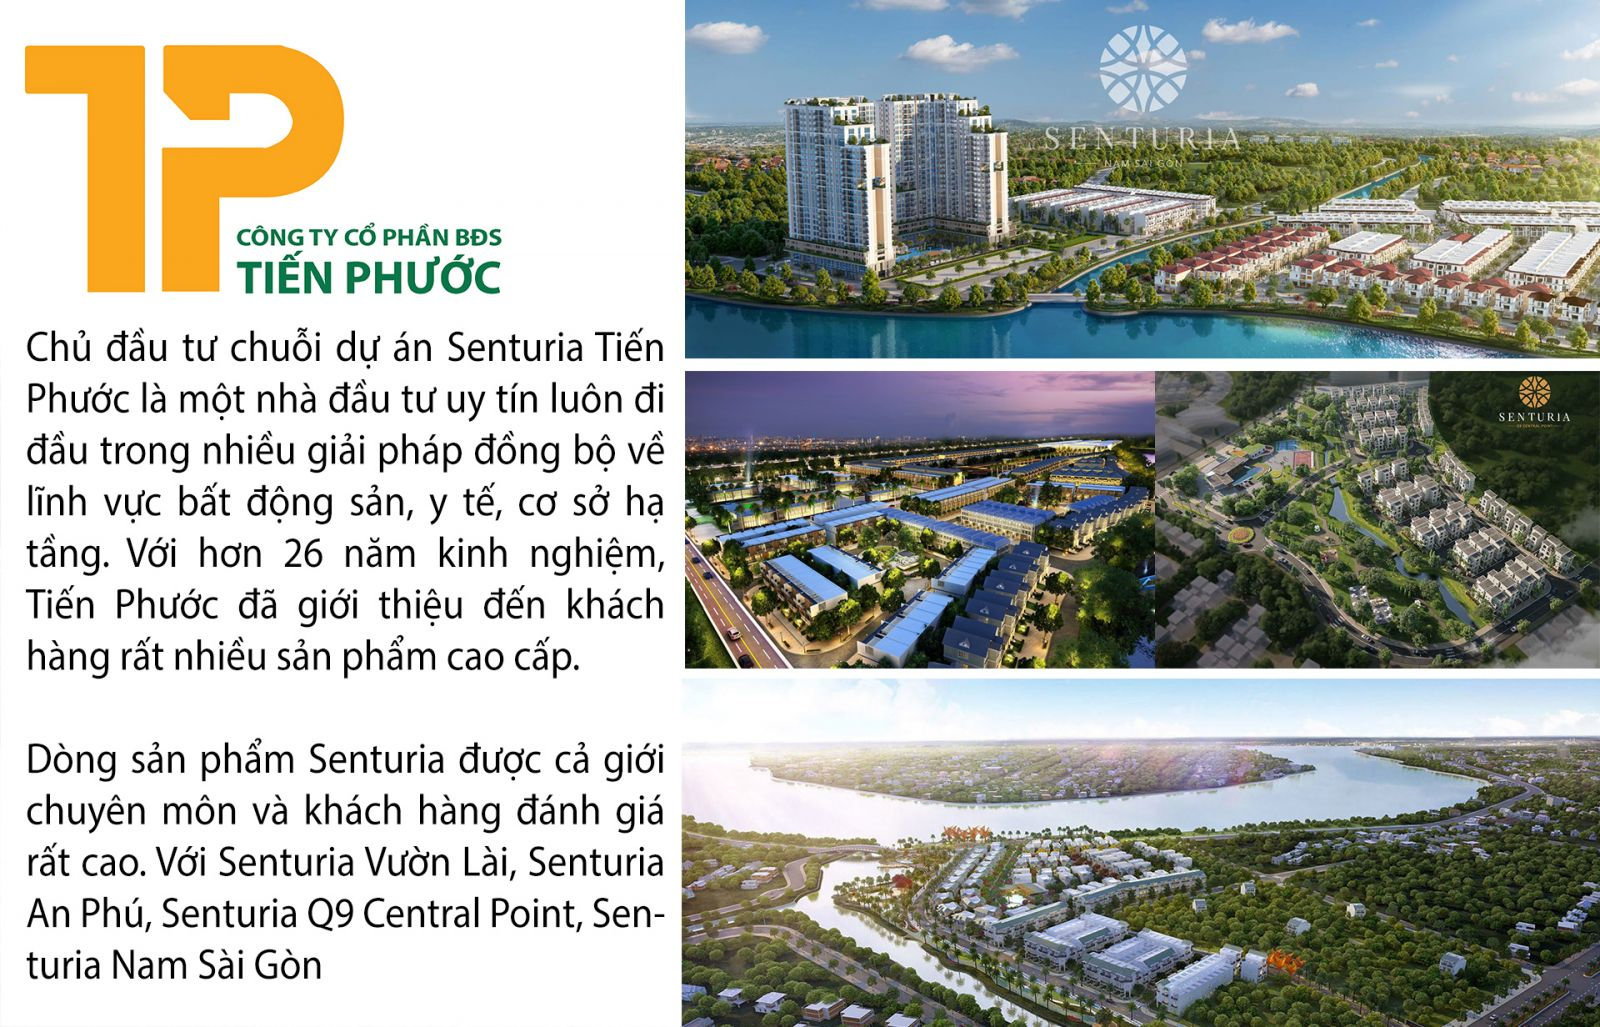 Chủ đầu tư Tiến Phước và thành công với dòng sản phẩm Senturia